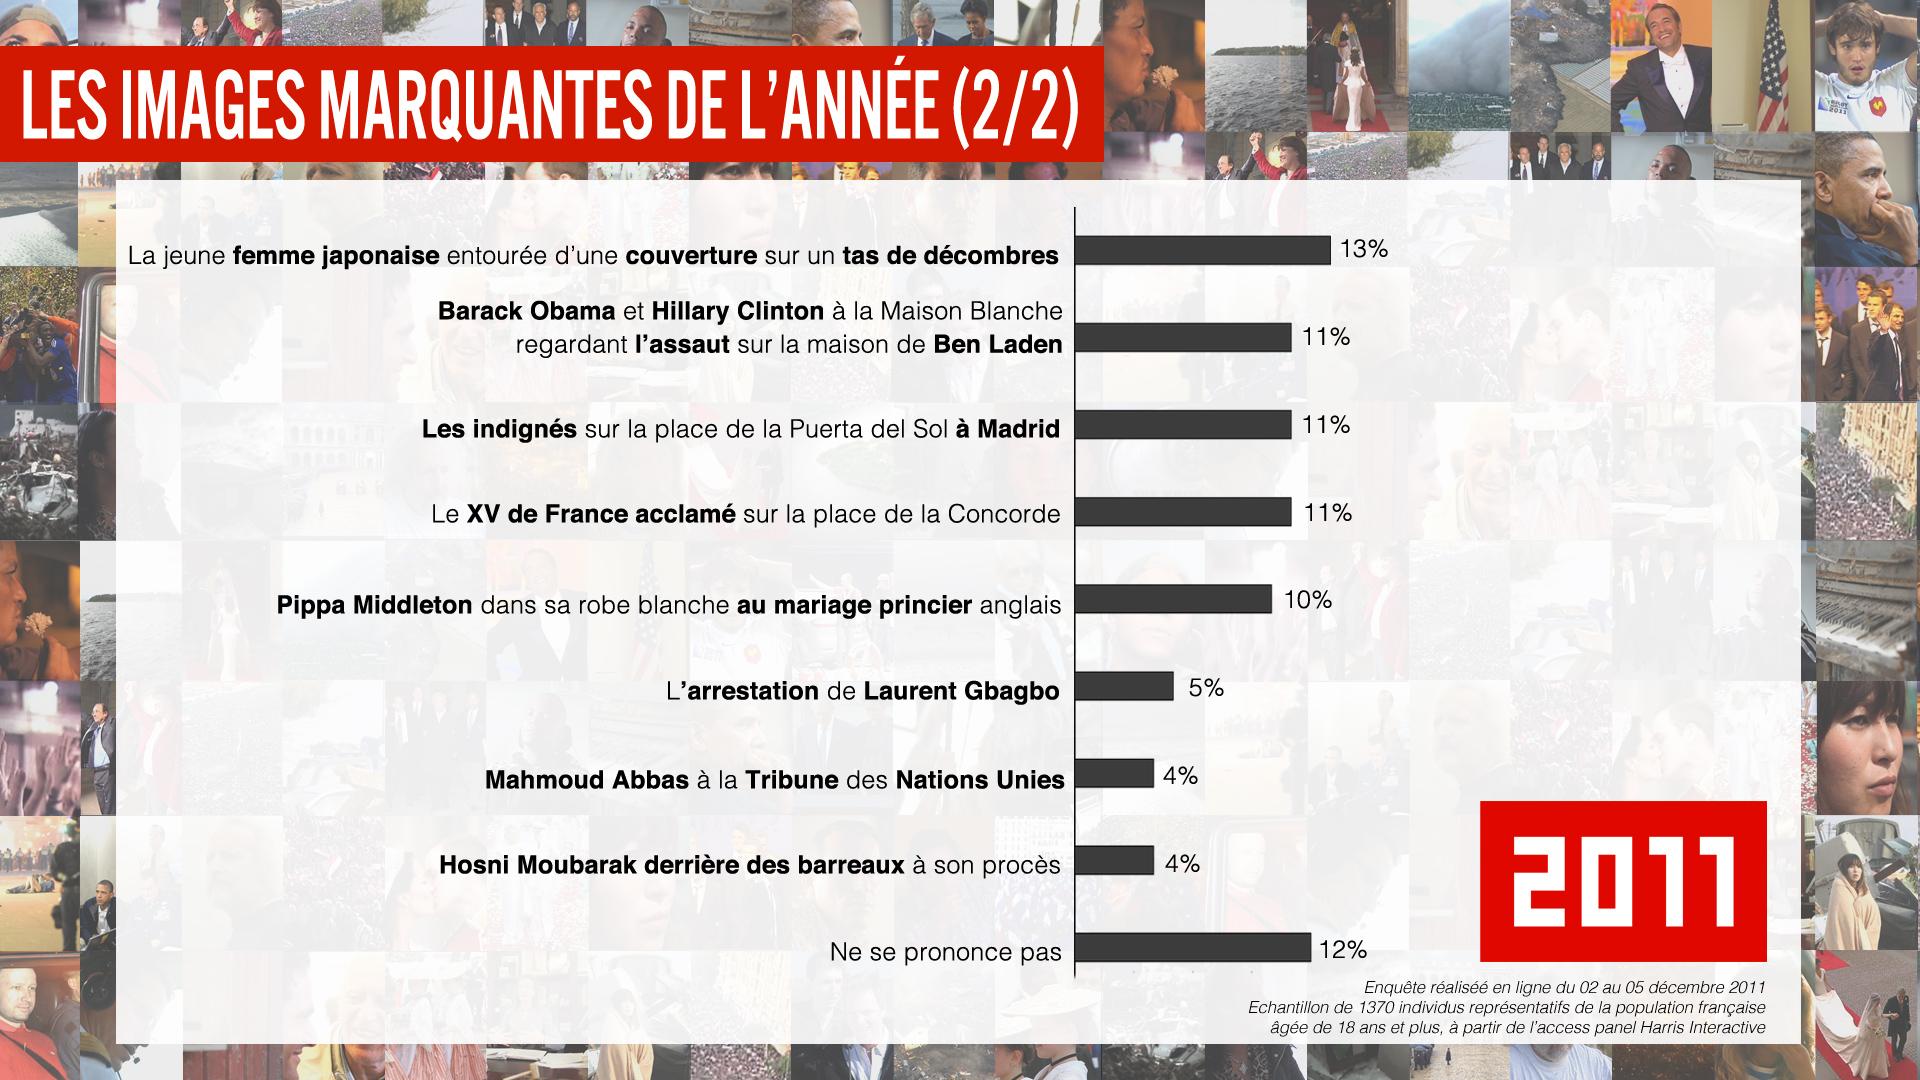 les images marquantes de l annee 2011 2 2011, Le roman de lannée   France 2